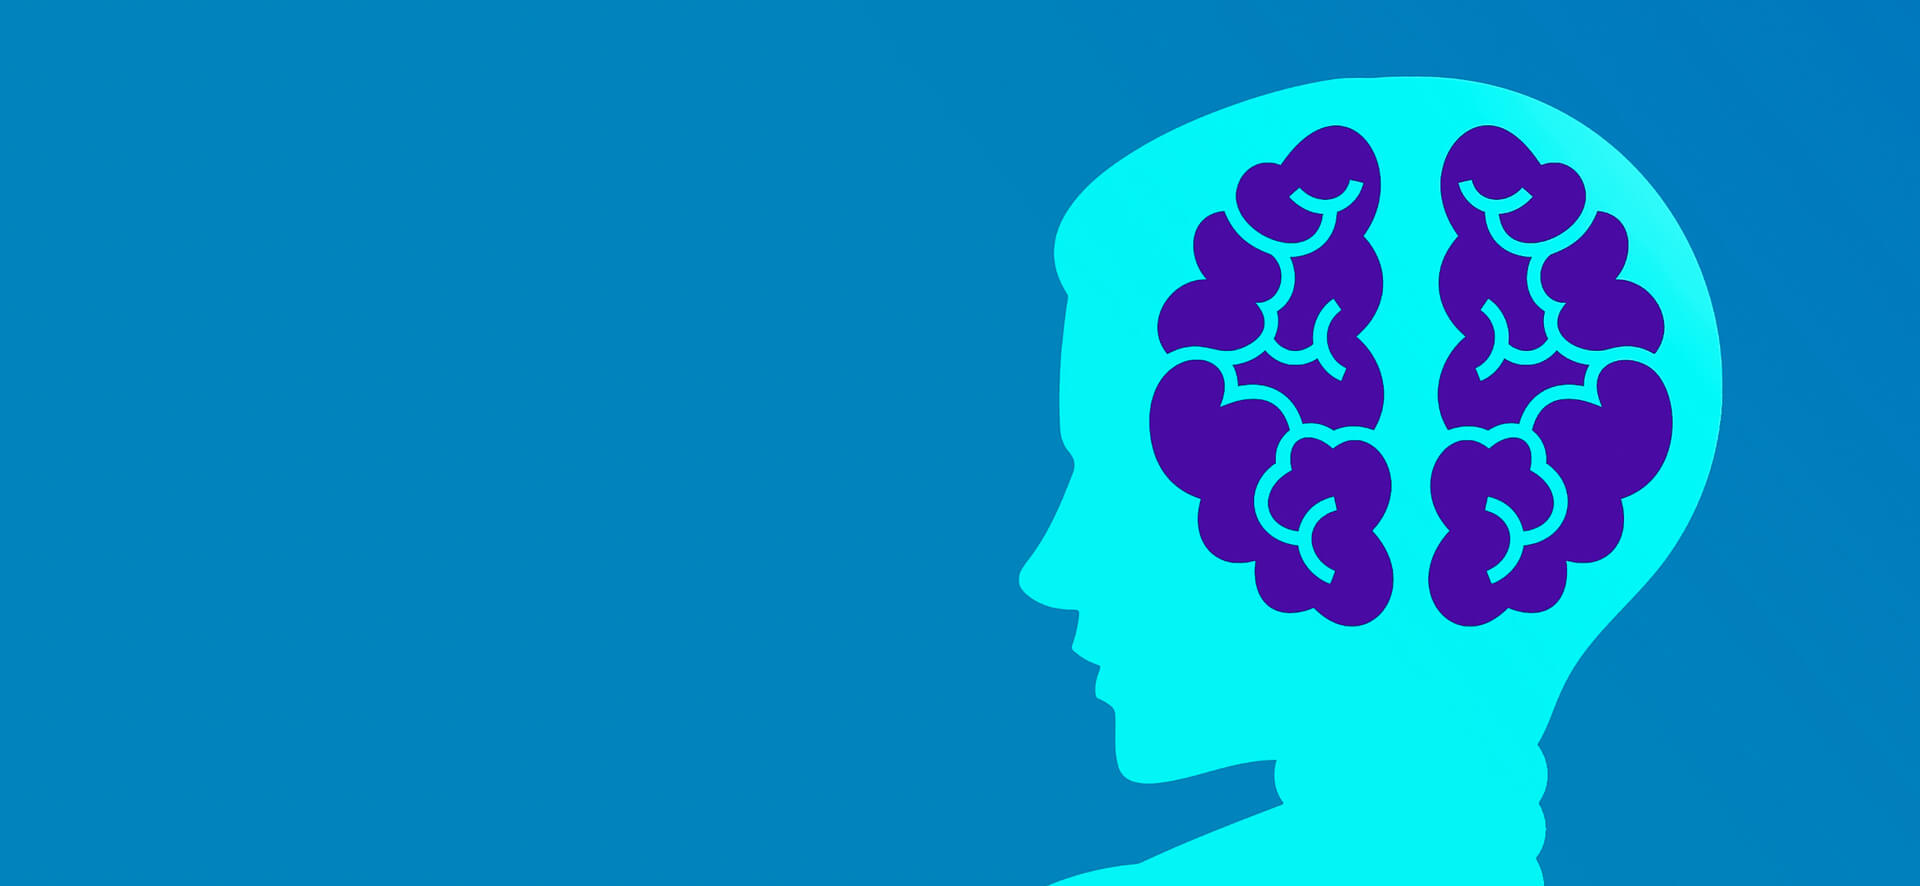 AI-algoritme beoordeelt nut hersenoperatie Parkinsonpatiënten